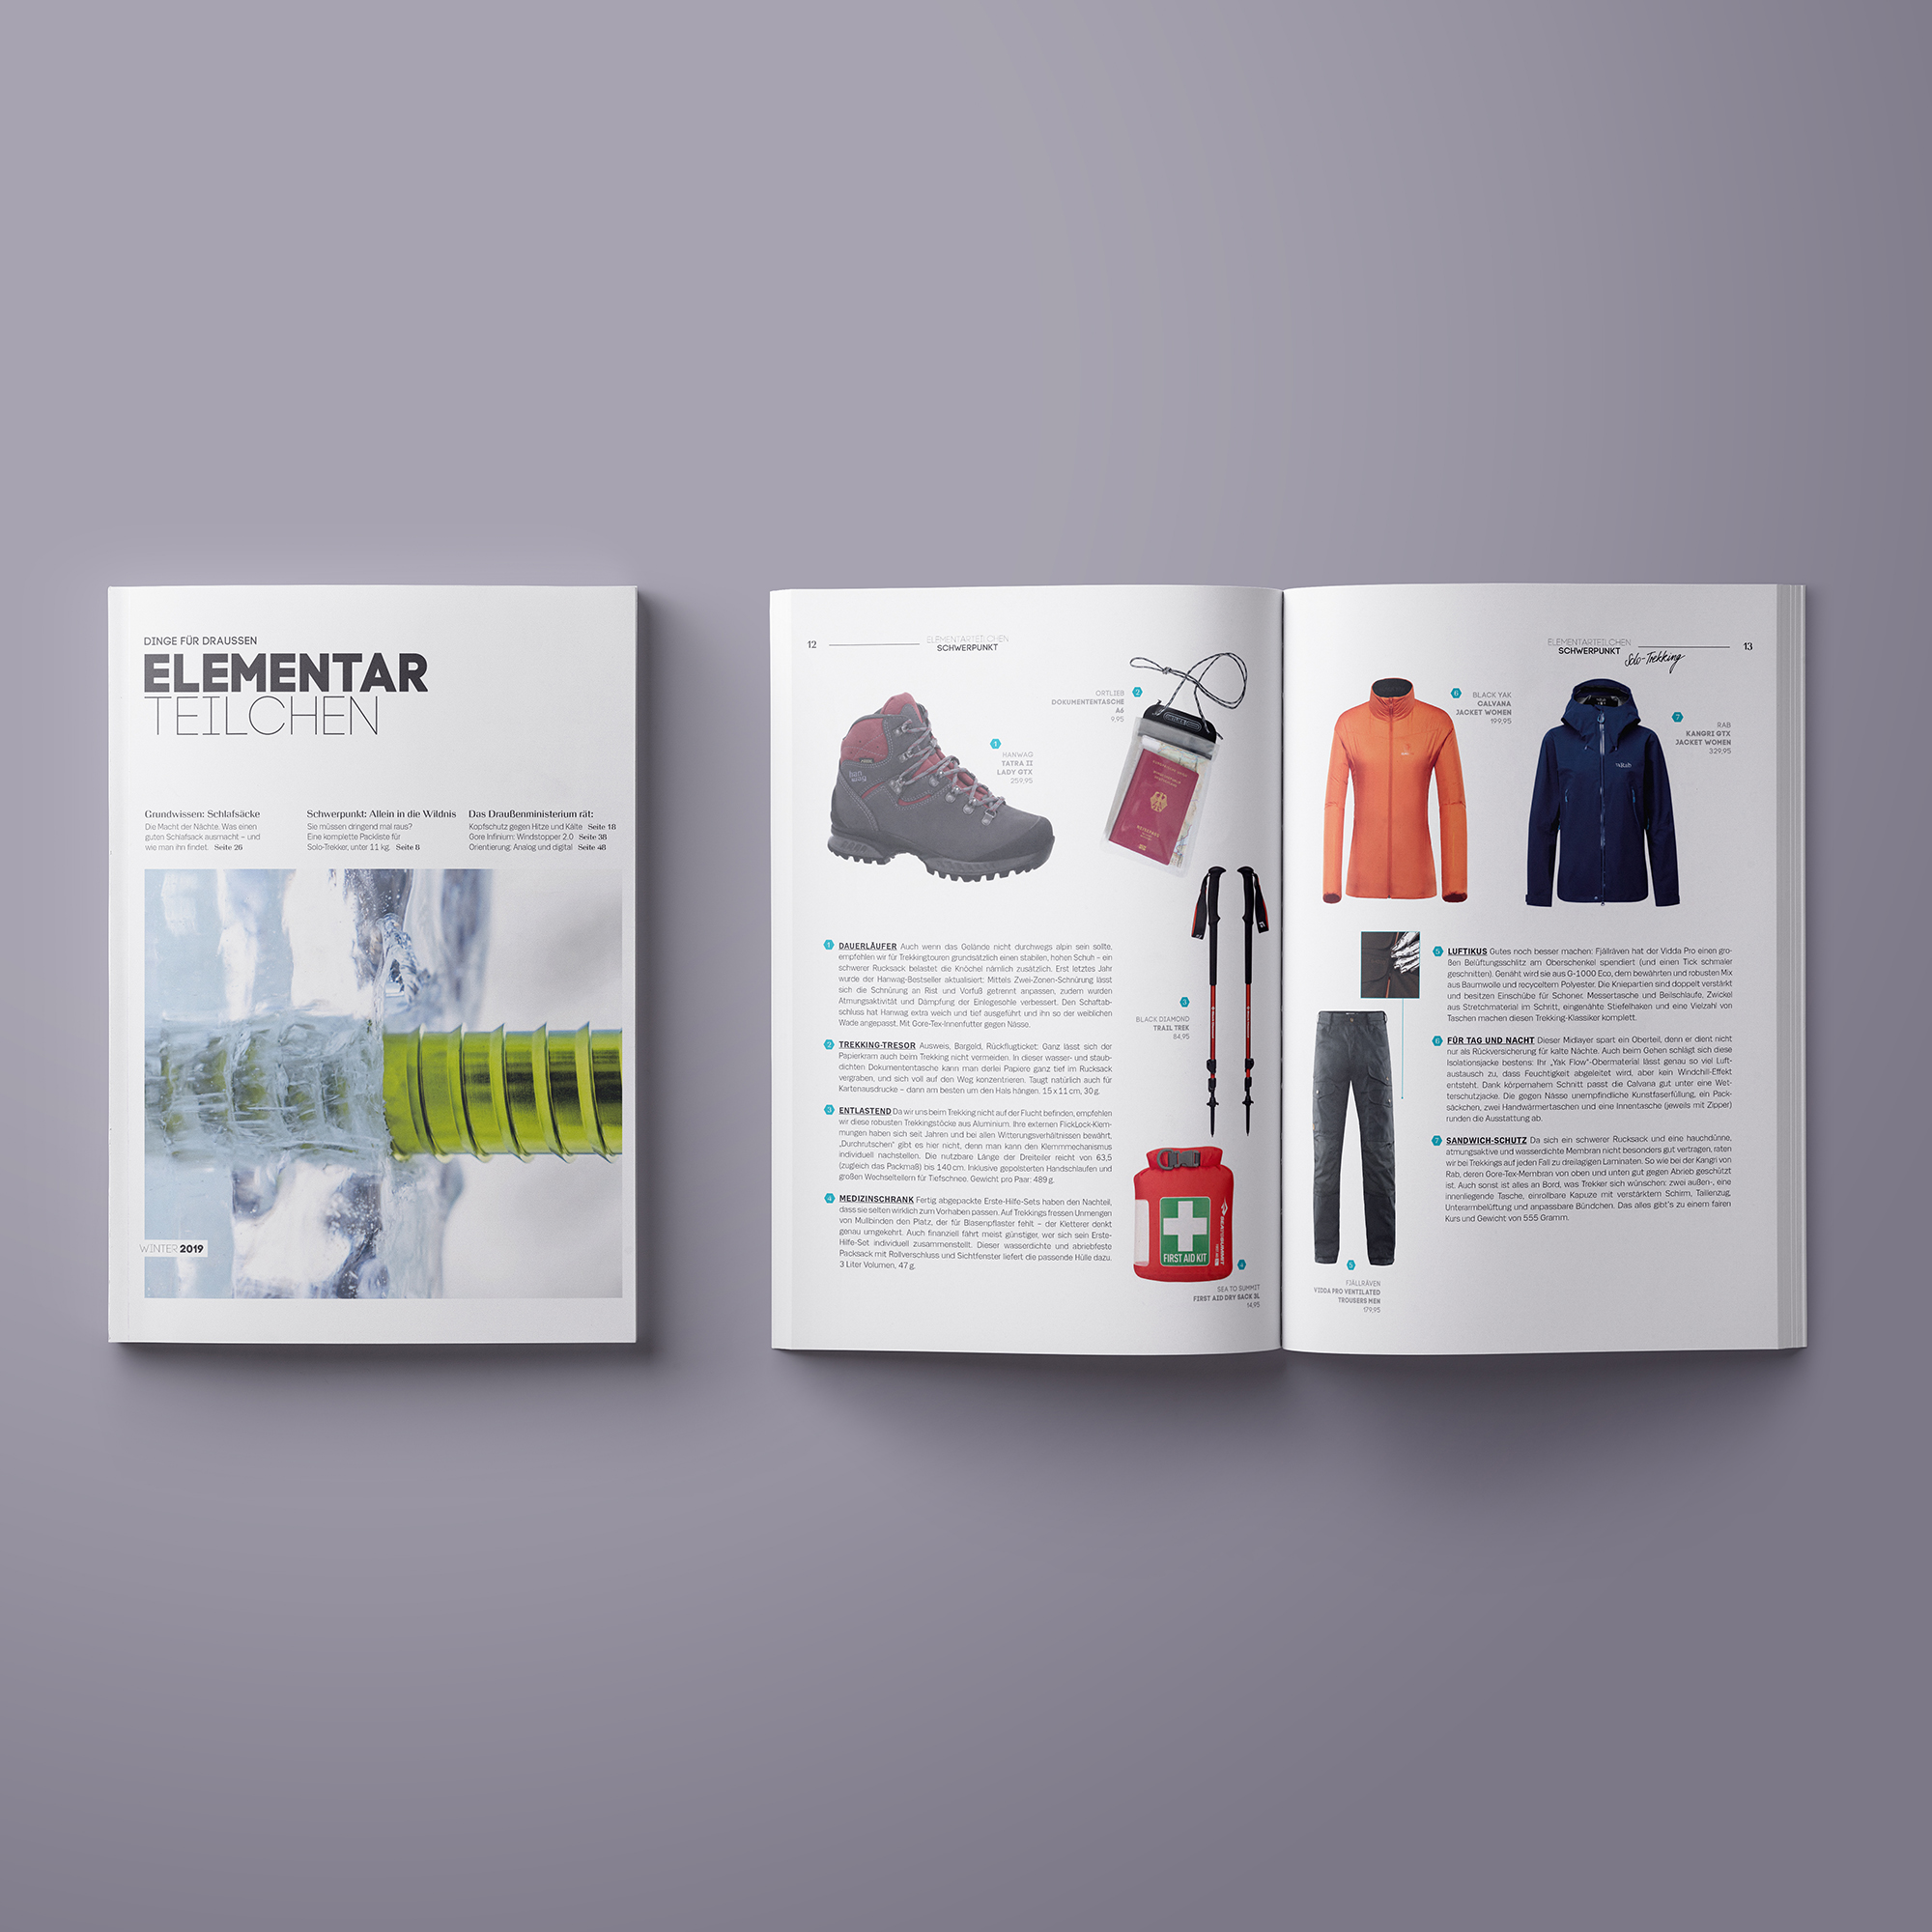 Bild Elementarteilchen Magazin